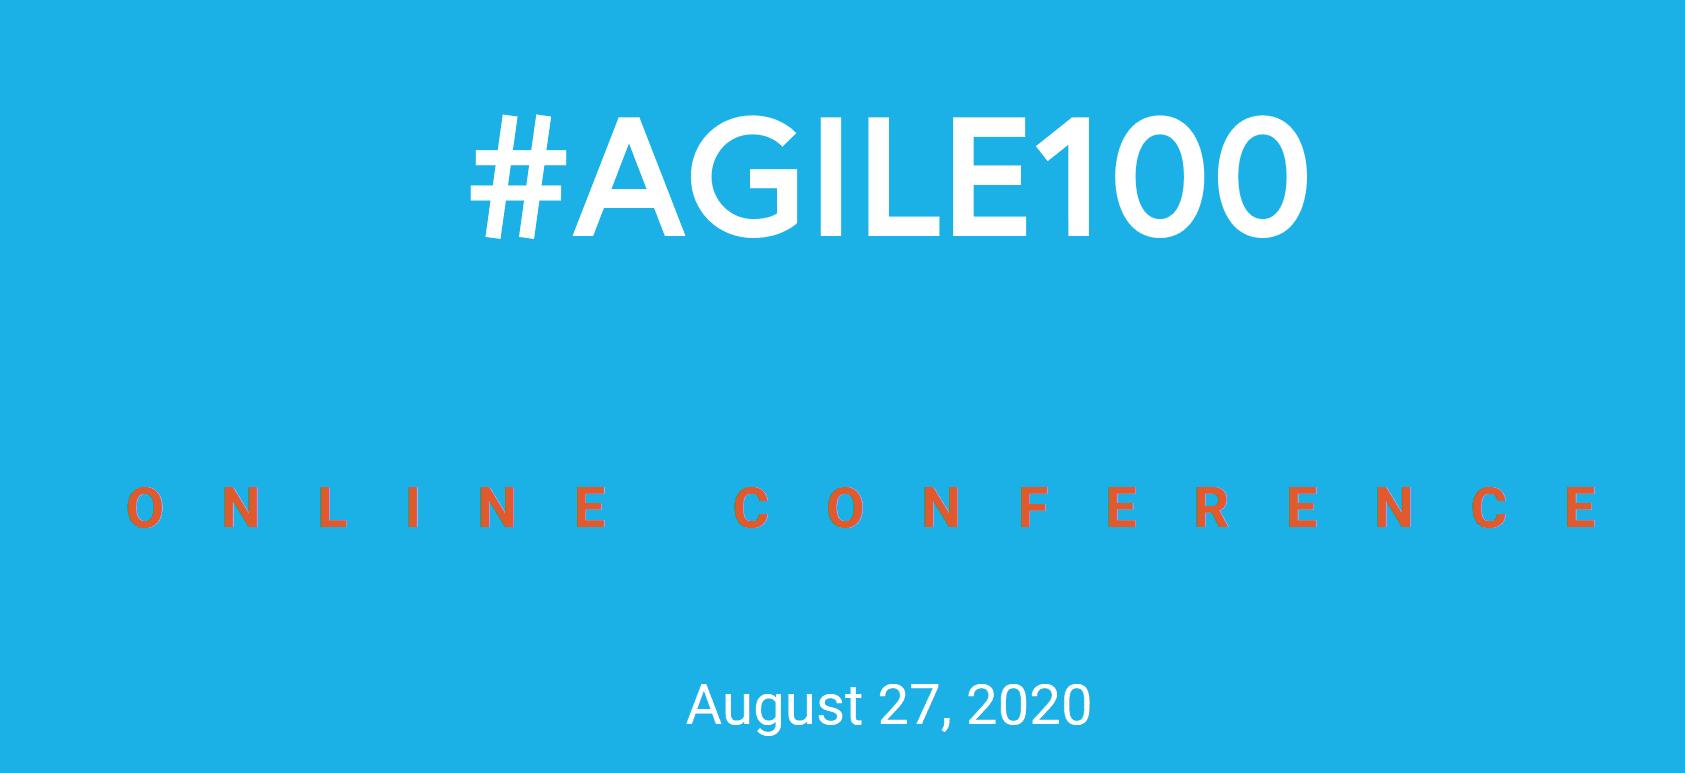 08/27/2020 – Agile 100